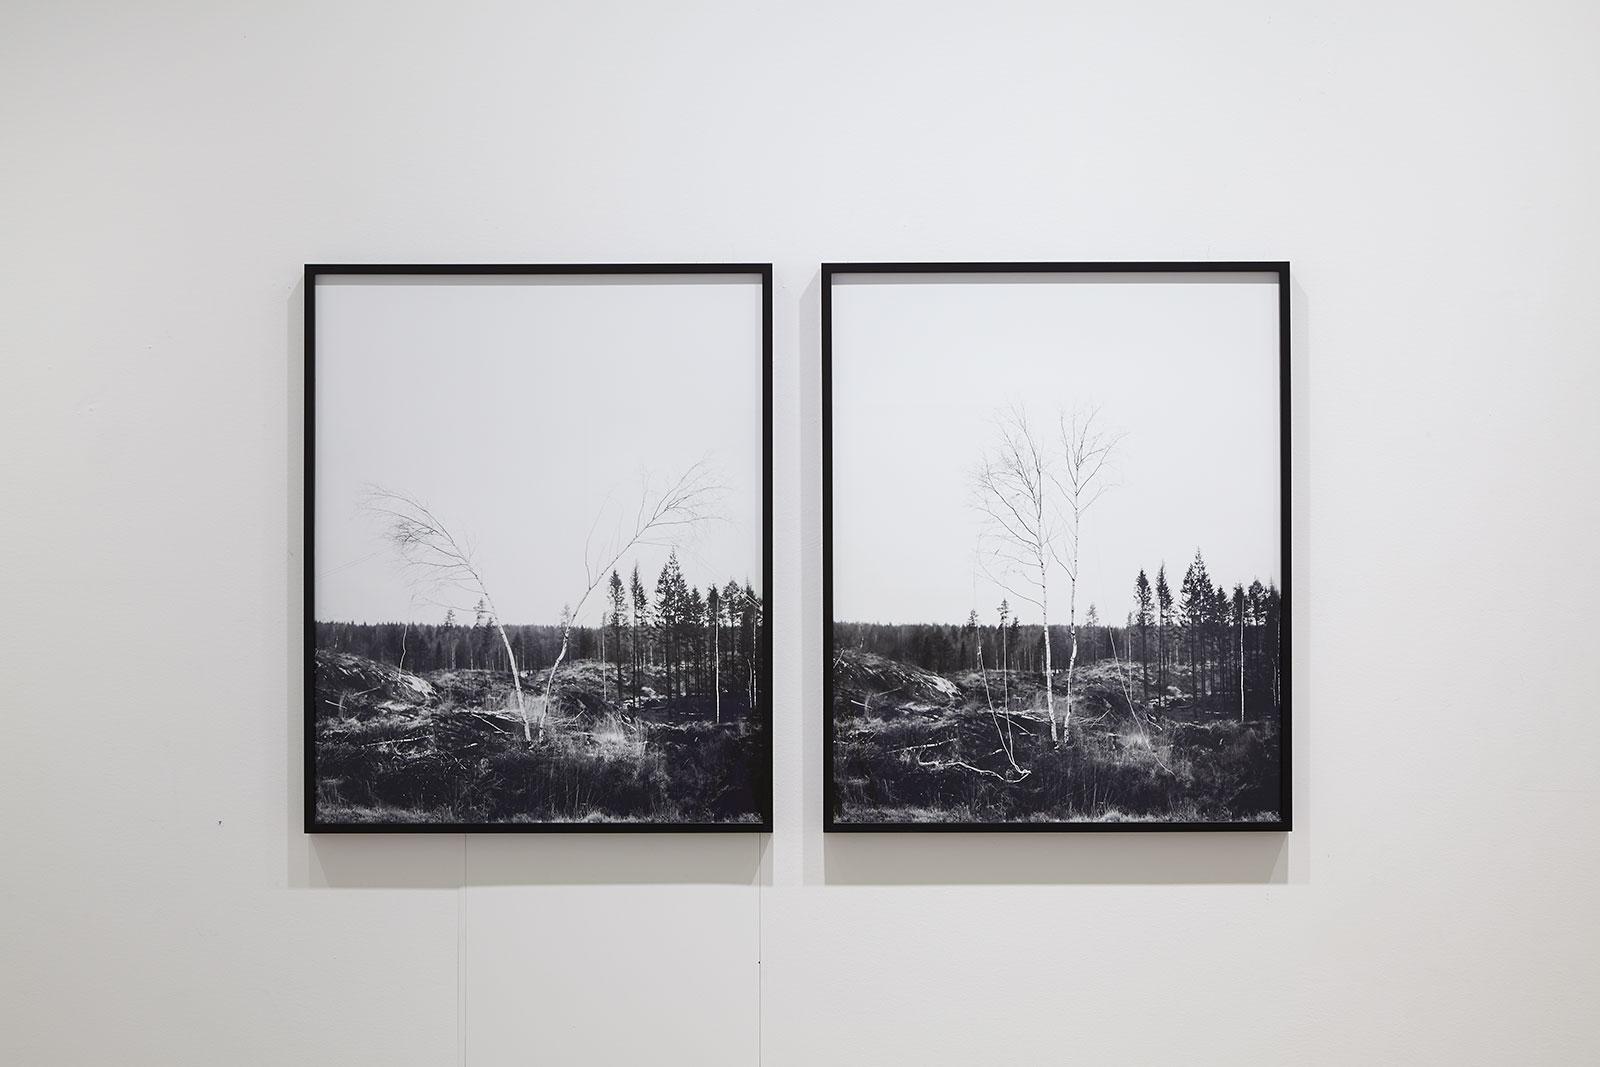 Axel Antas - Shaped Views